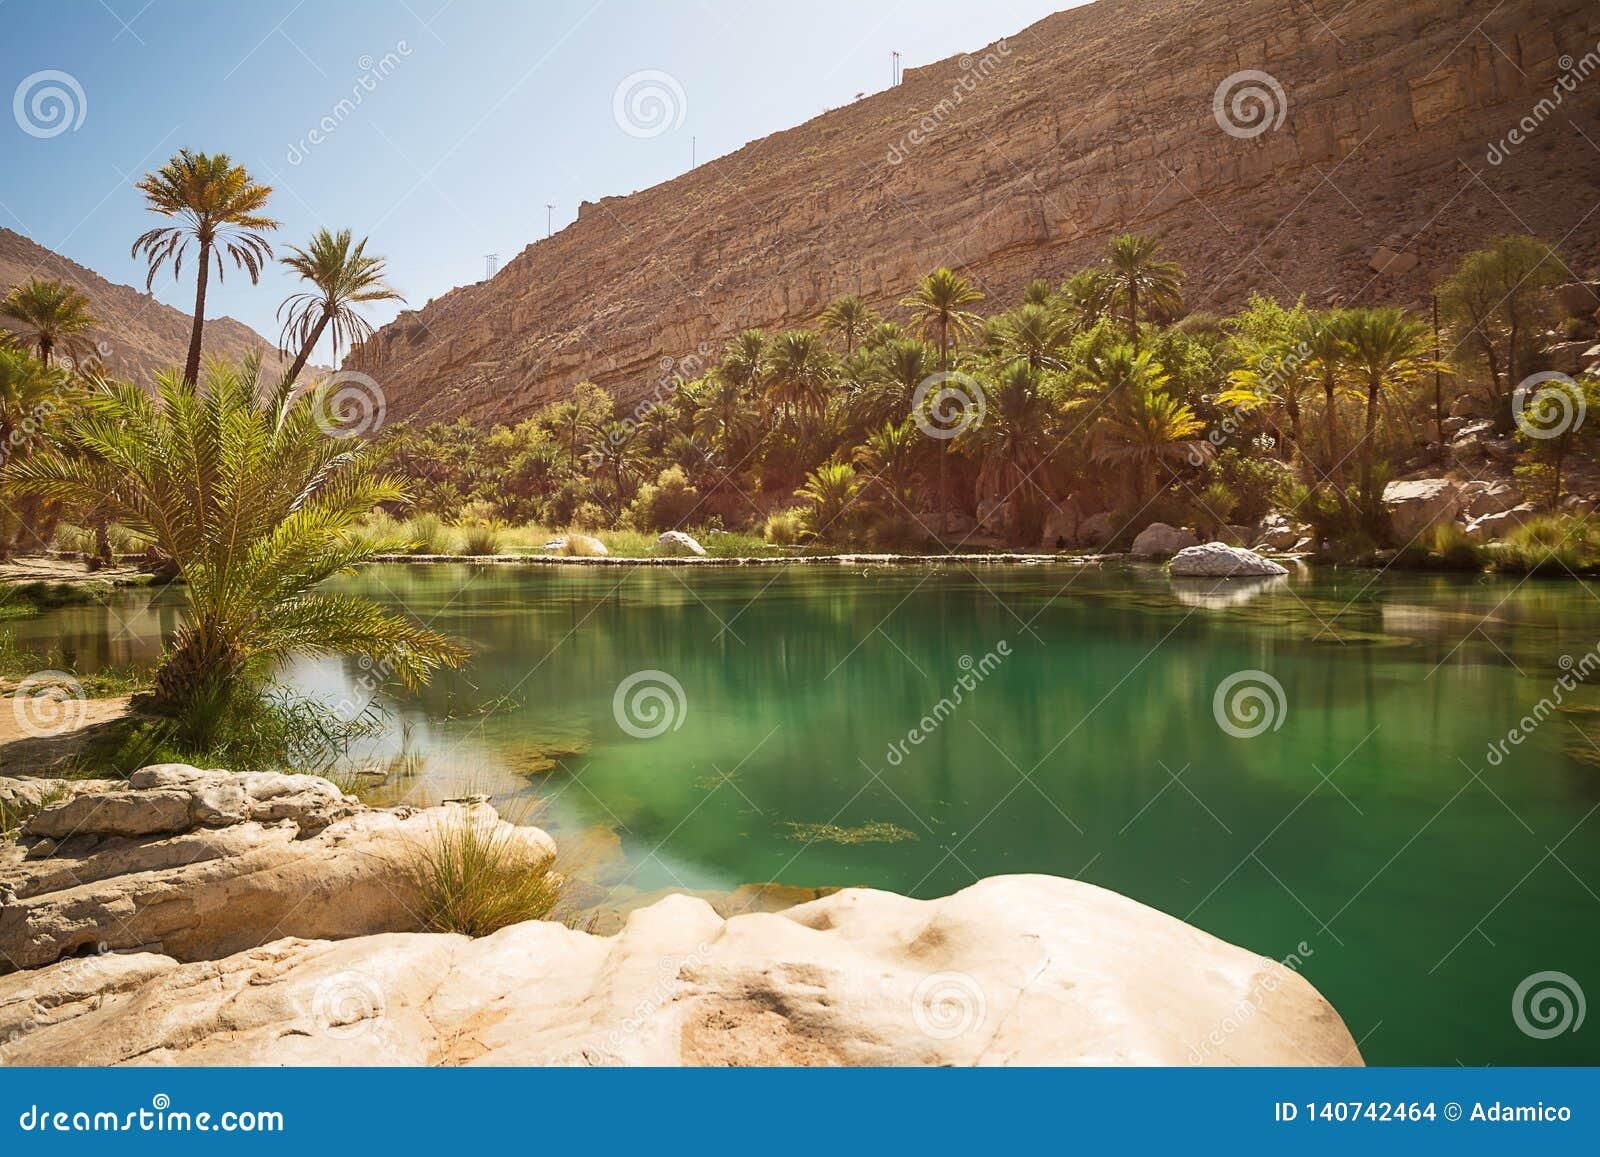 Verbazende Meer en oase met palmen Wadi Bani Khalid in de woestijn